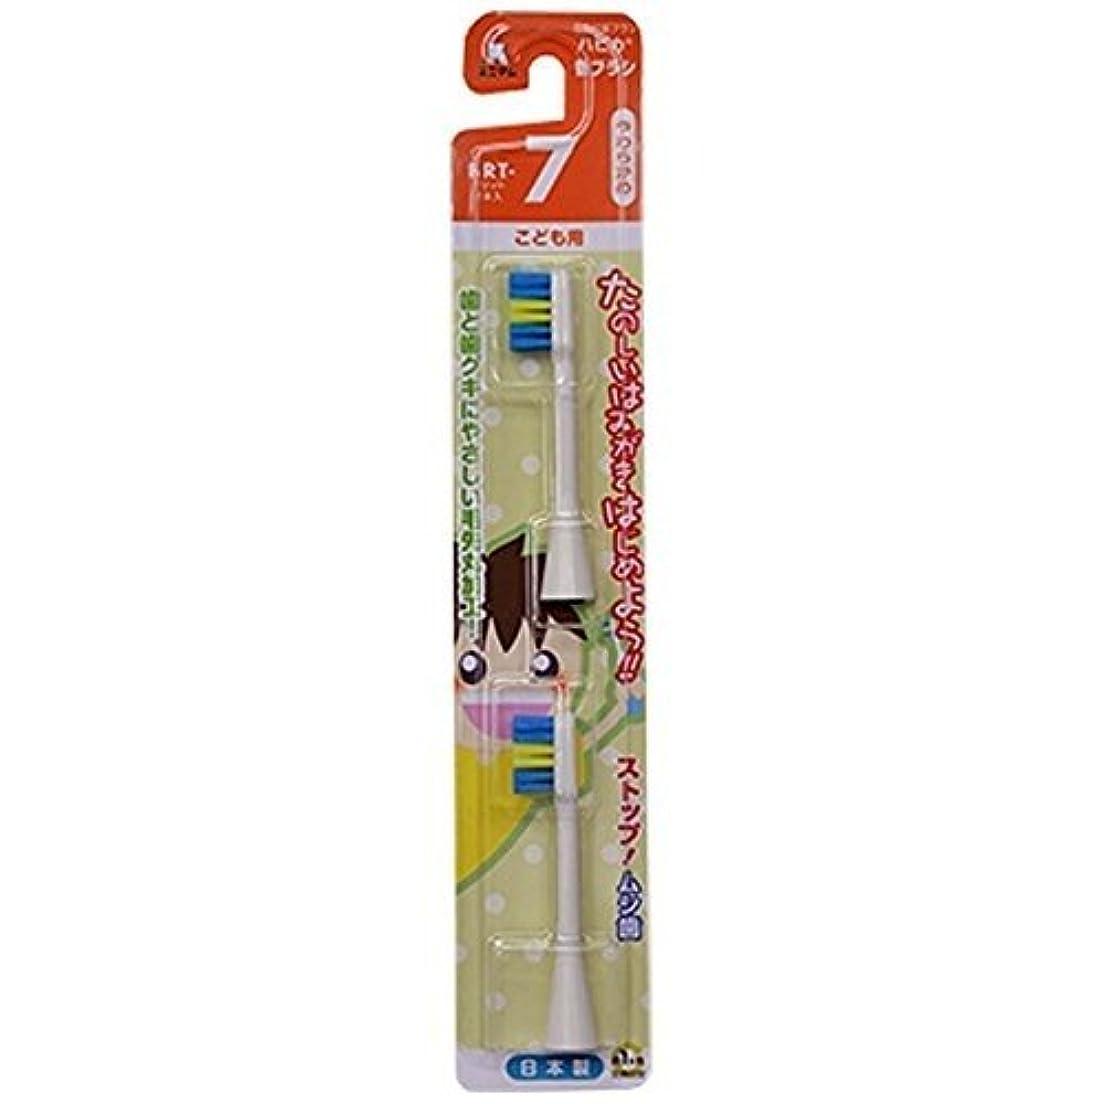 入学するヘッジ撤退ミニマム 電動付歯ブラシ ハピカ 専用替ブラシ こども用 毛の硬さ:やわらかめ BRT-7 2個入